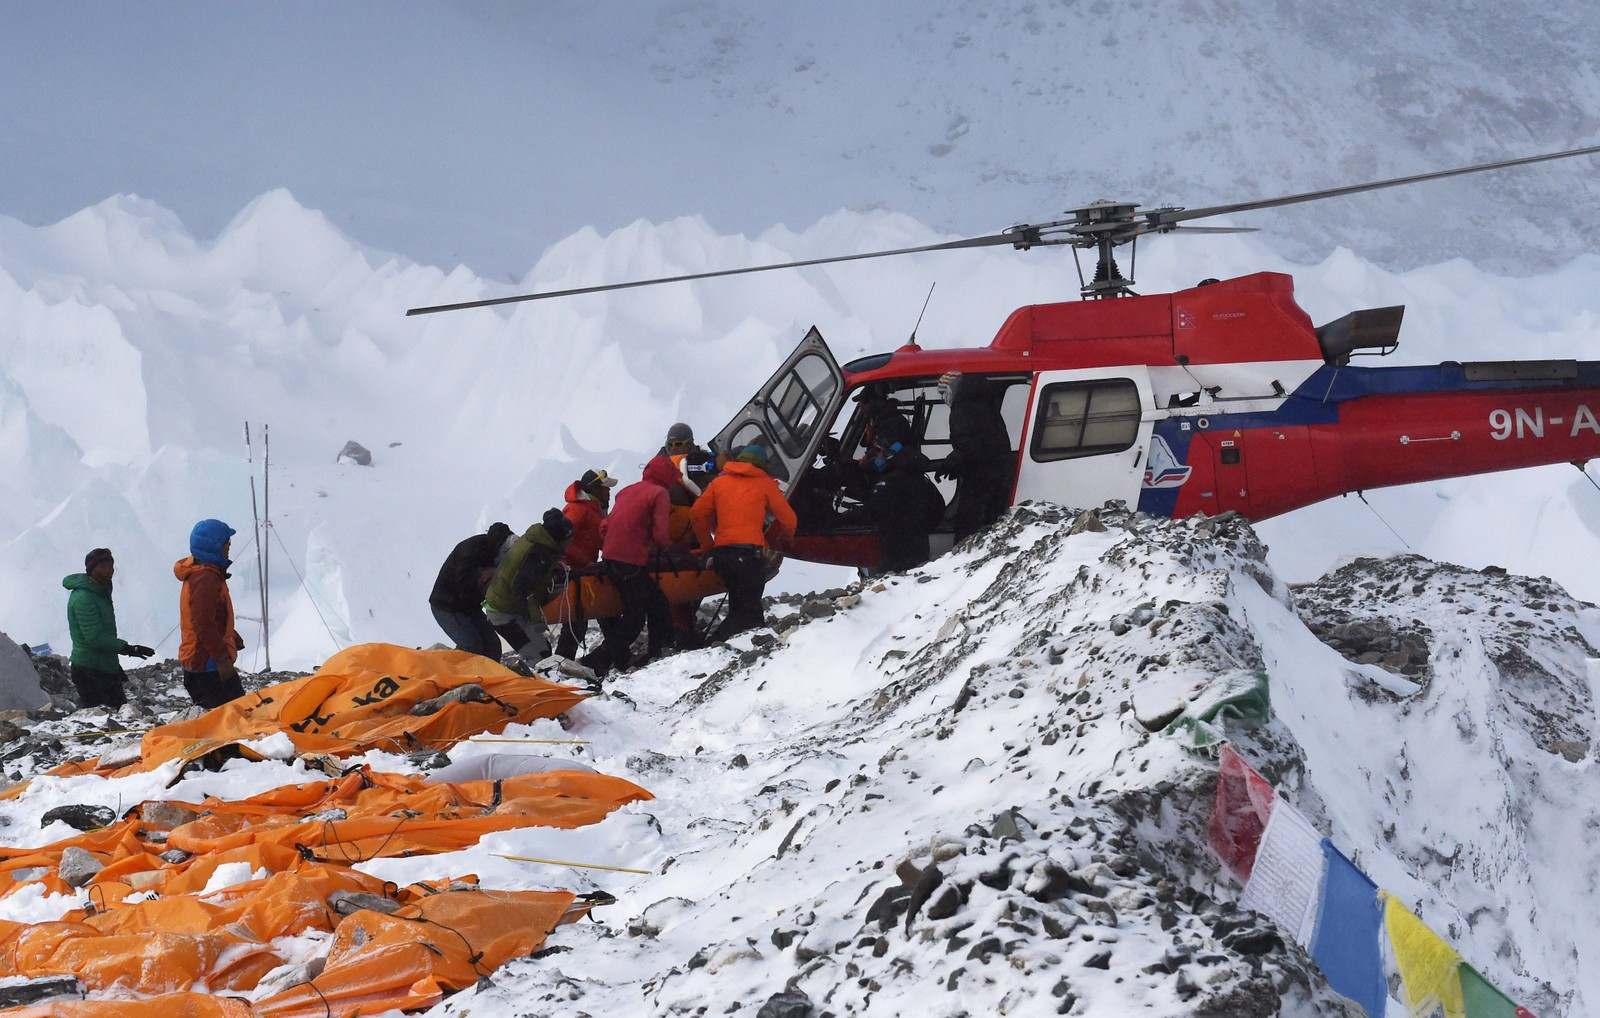 De døde ble samlet og dekket til med oransje plastposer før de ble fraktet ned med helikopter dagen etter.